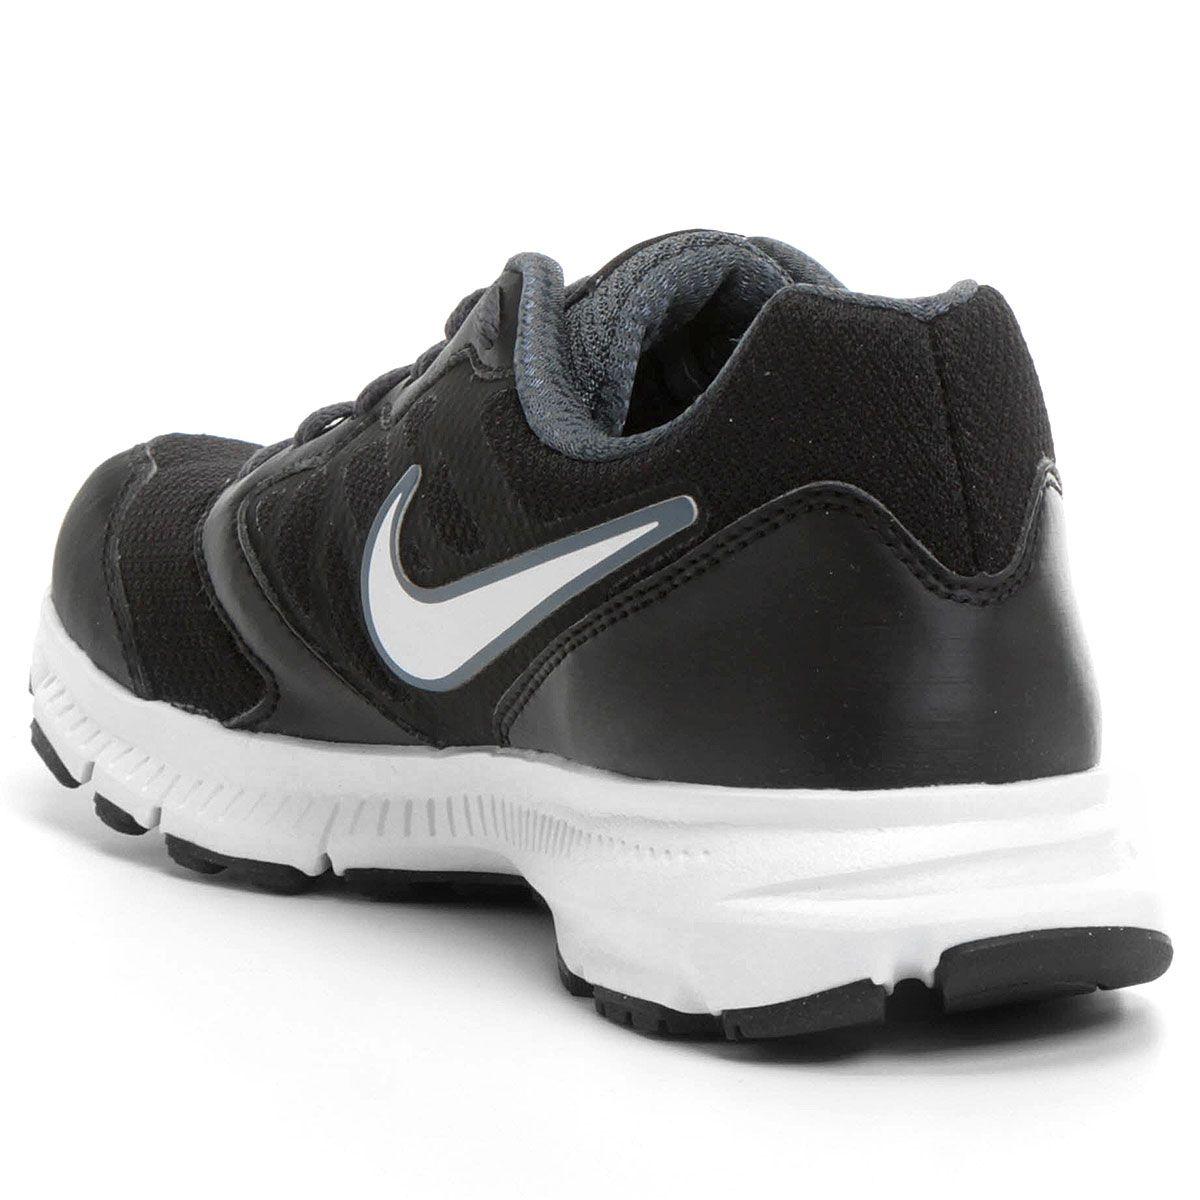 Tênis Nike Downshifter 6 MSL